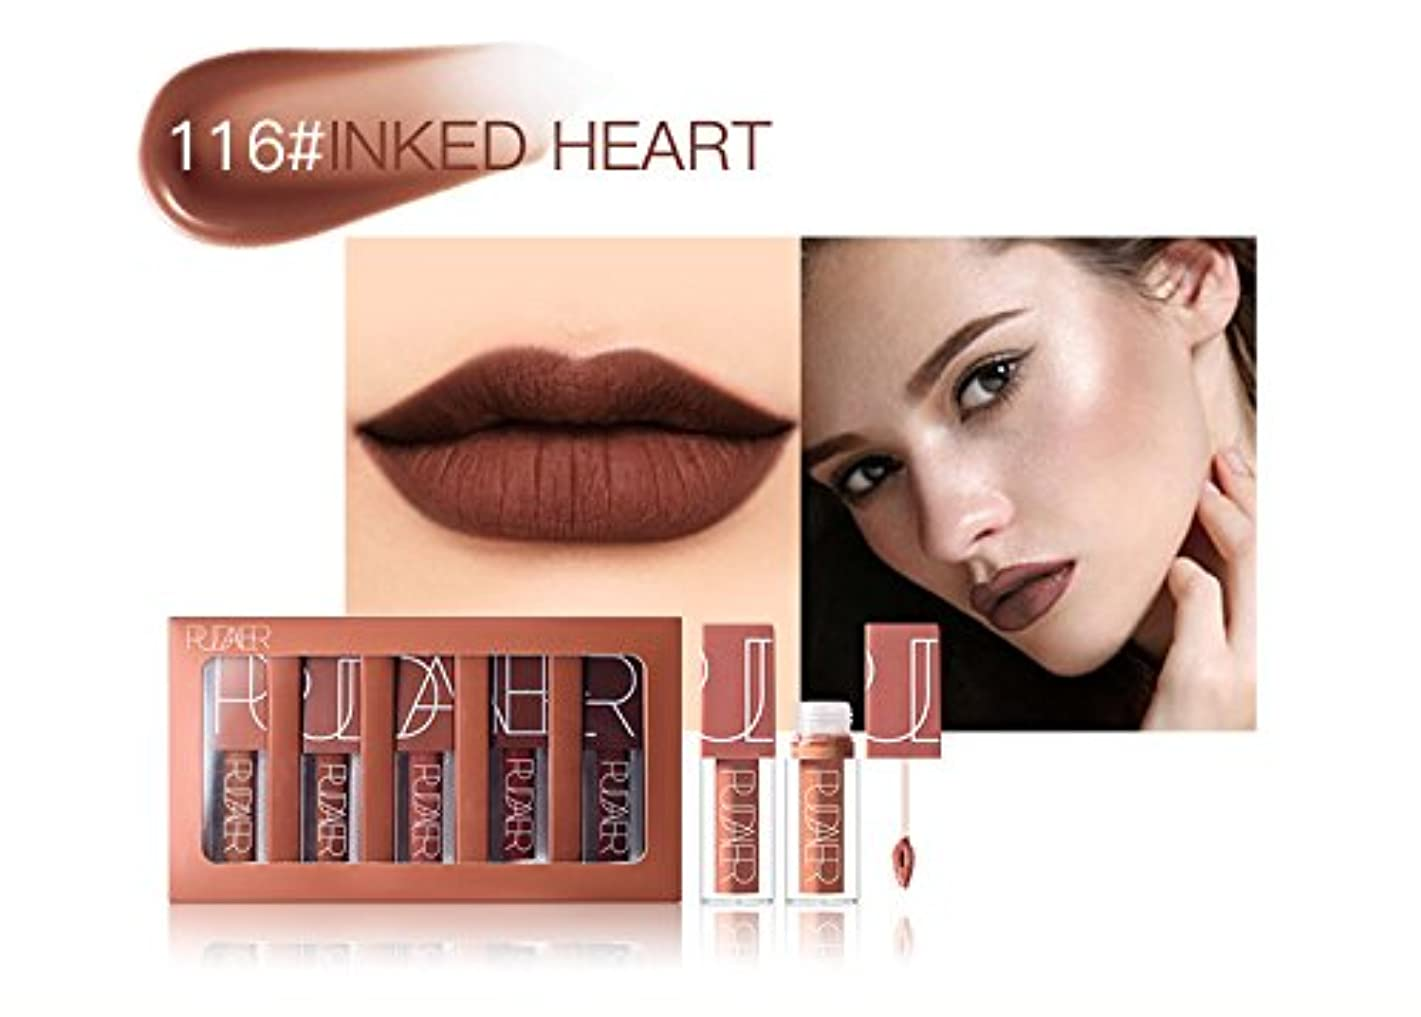 ドット走る連合No #115 Hot Brand Long Lasting Velvet Lips Tint Liquid Lipstick Matte Beauty Cosmetics Sexy Nude Pigment Matte Lip Gloss Tattoo Makeup